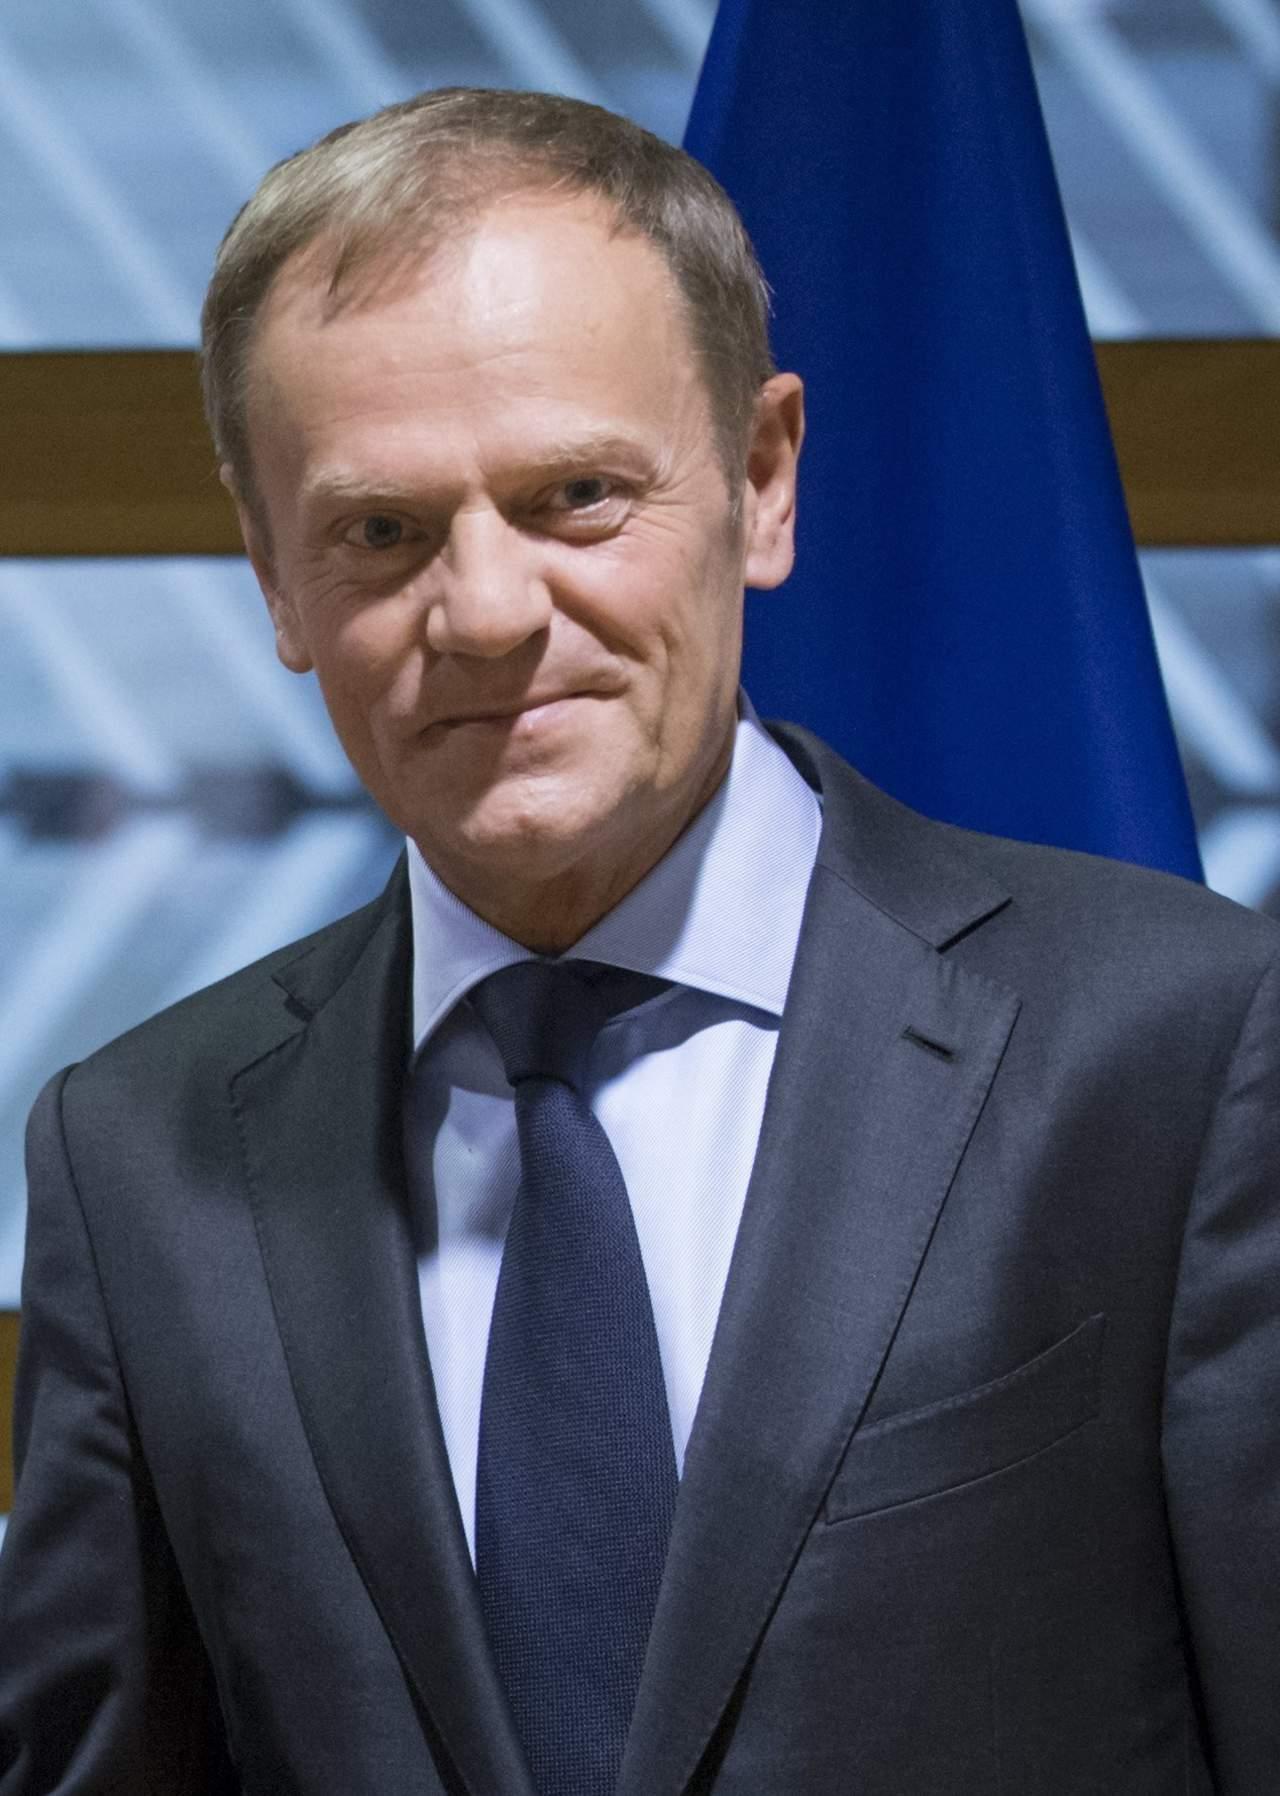 El presidente del consejo europeo felicita a macron por su for Presidente del consejo europeo